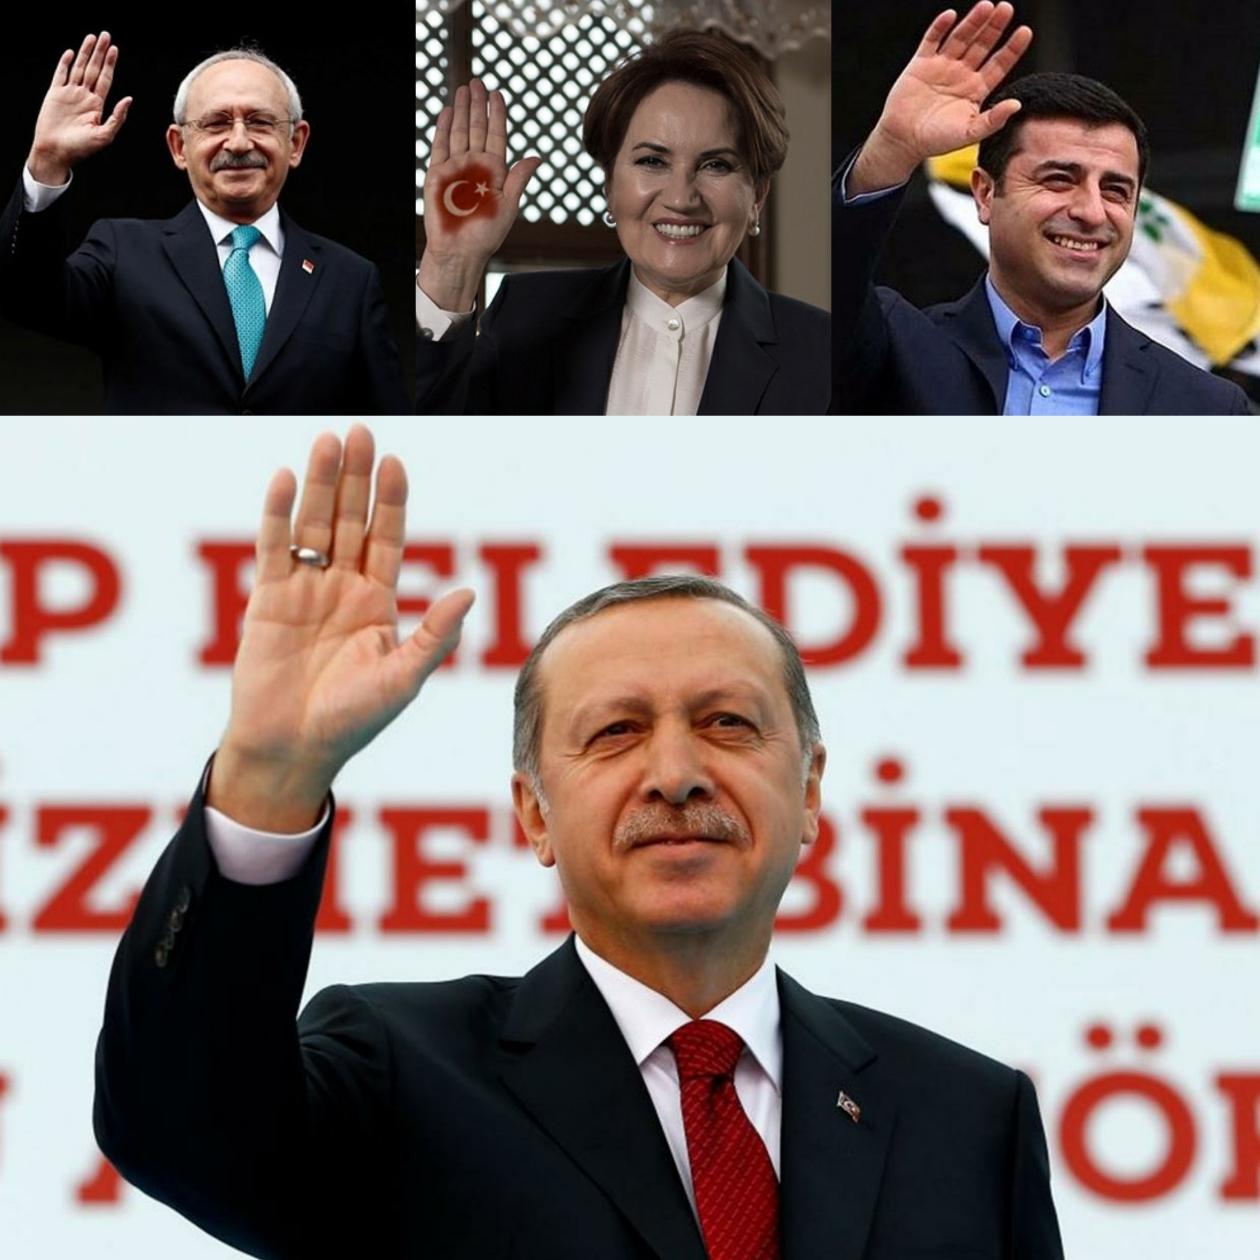 Οι πρώτες δημοσκοπήσεις στην Τουρκία